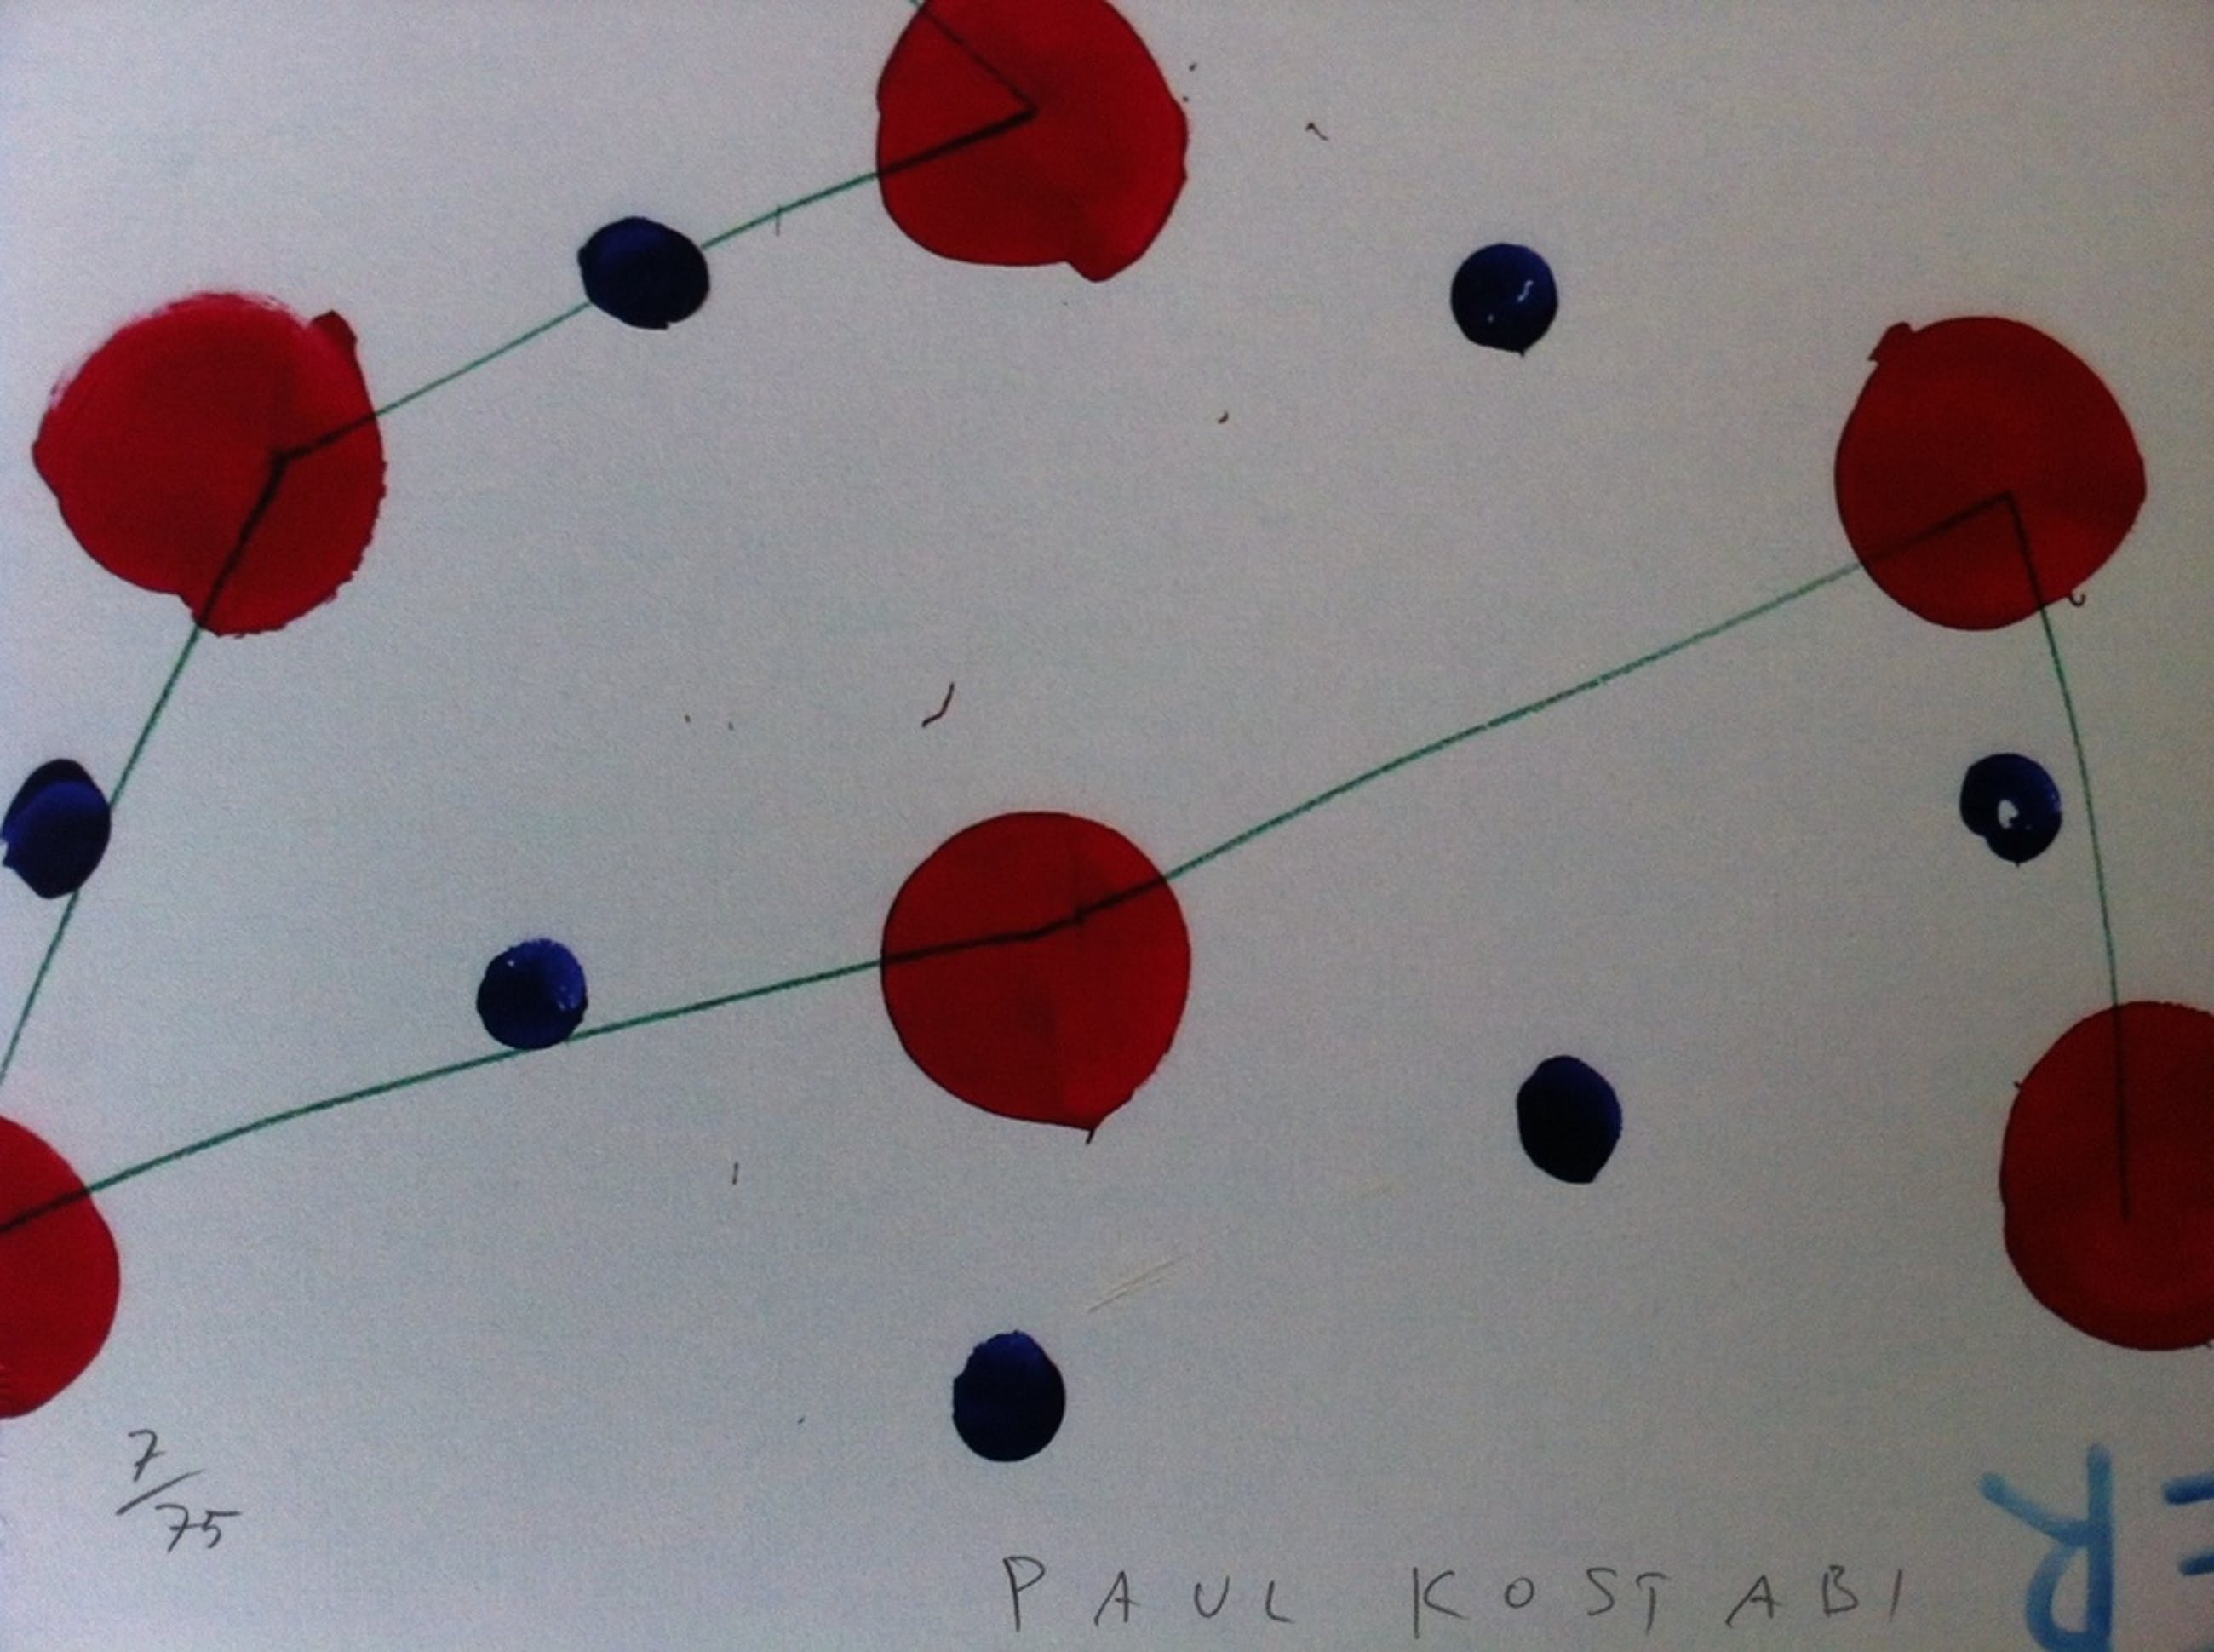 Paul Kostabi - 32 (16+16) - handgesigneerd en genummerd  kopen? Bied vanaf 45!